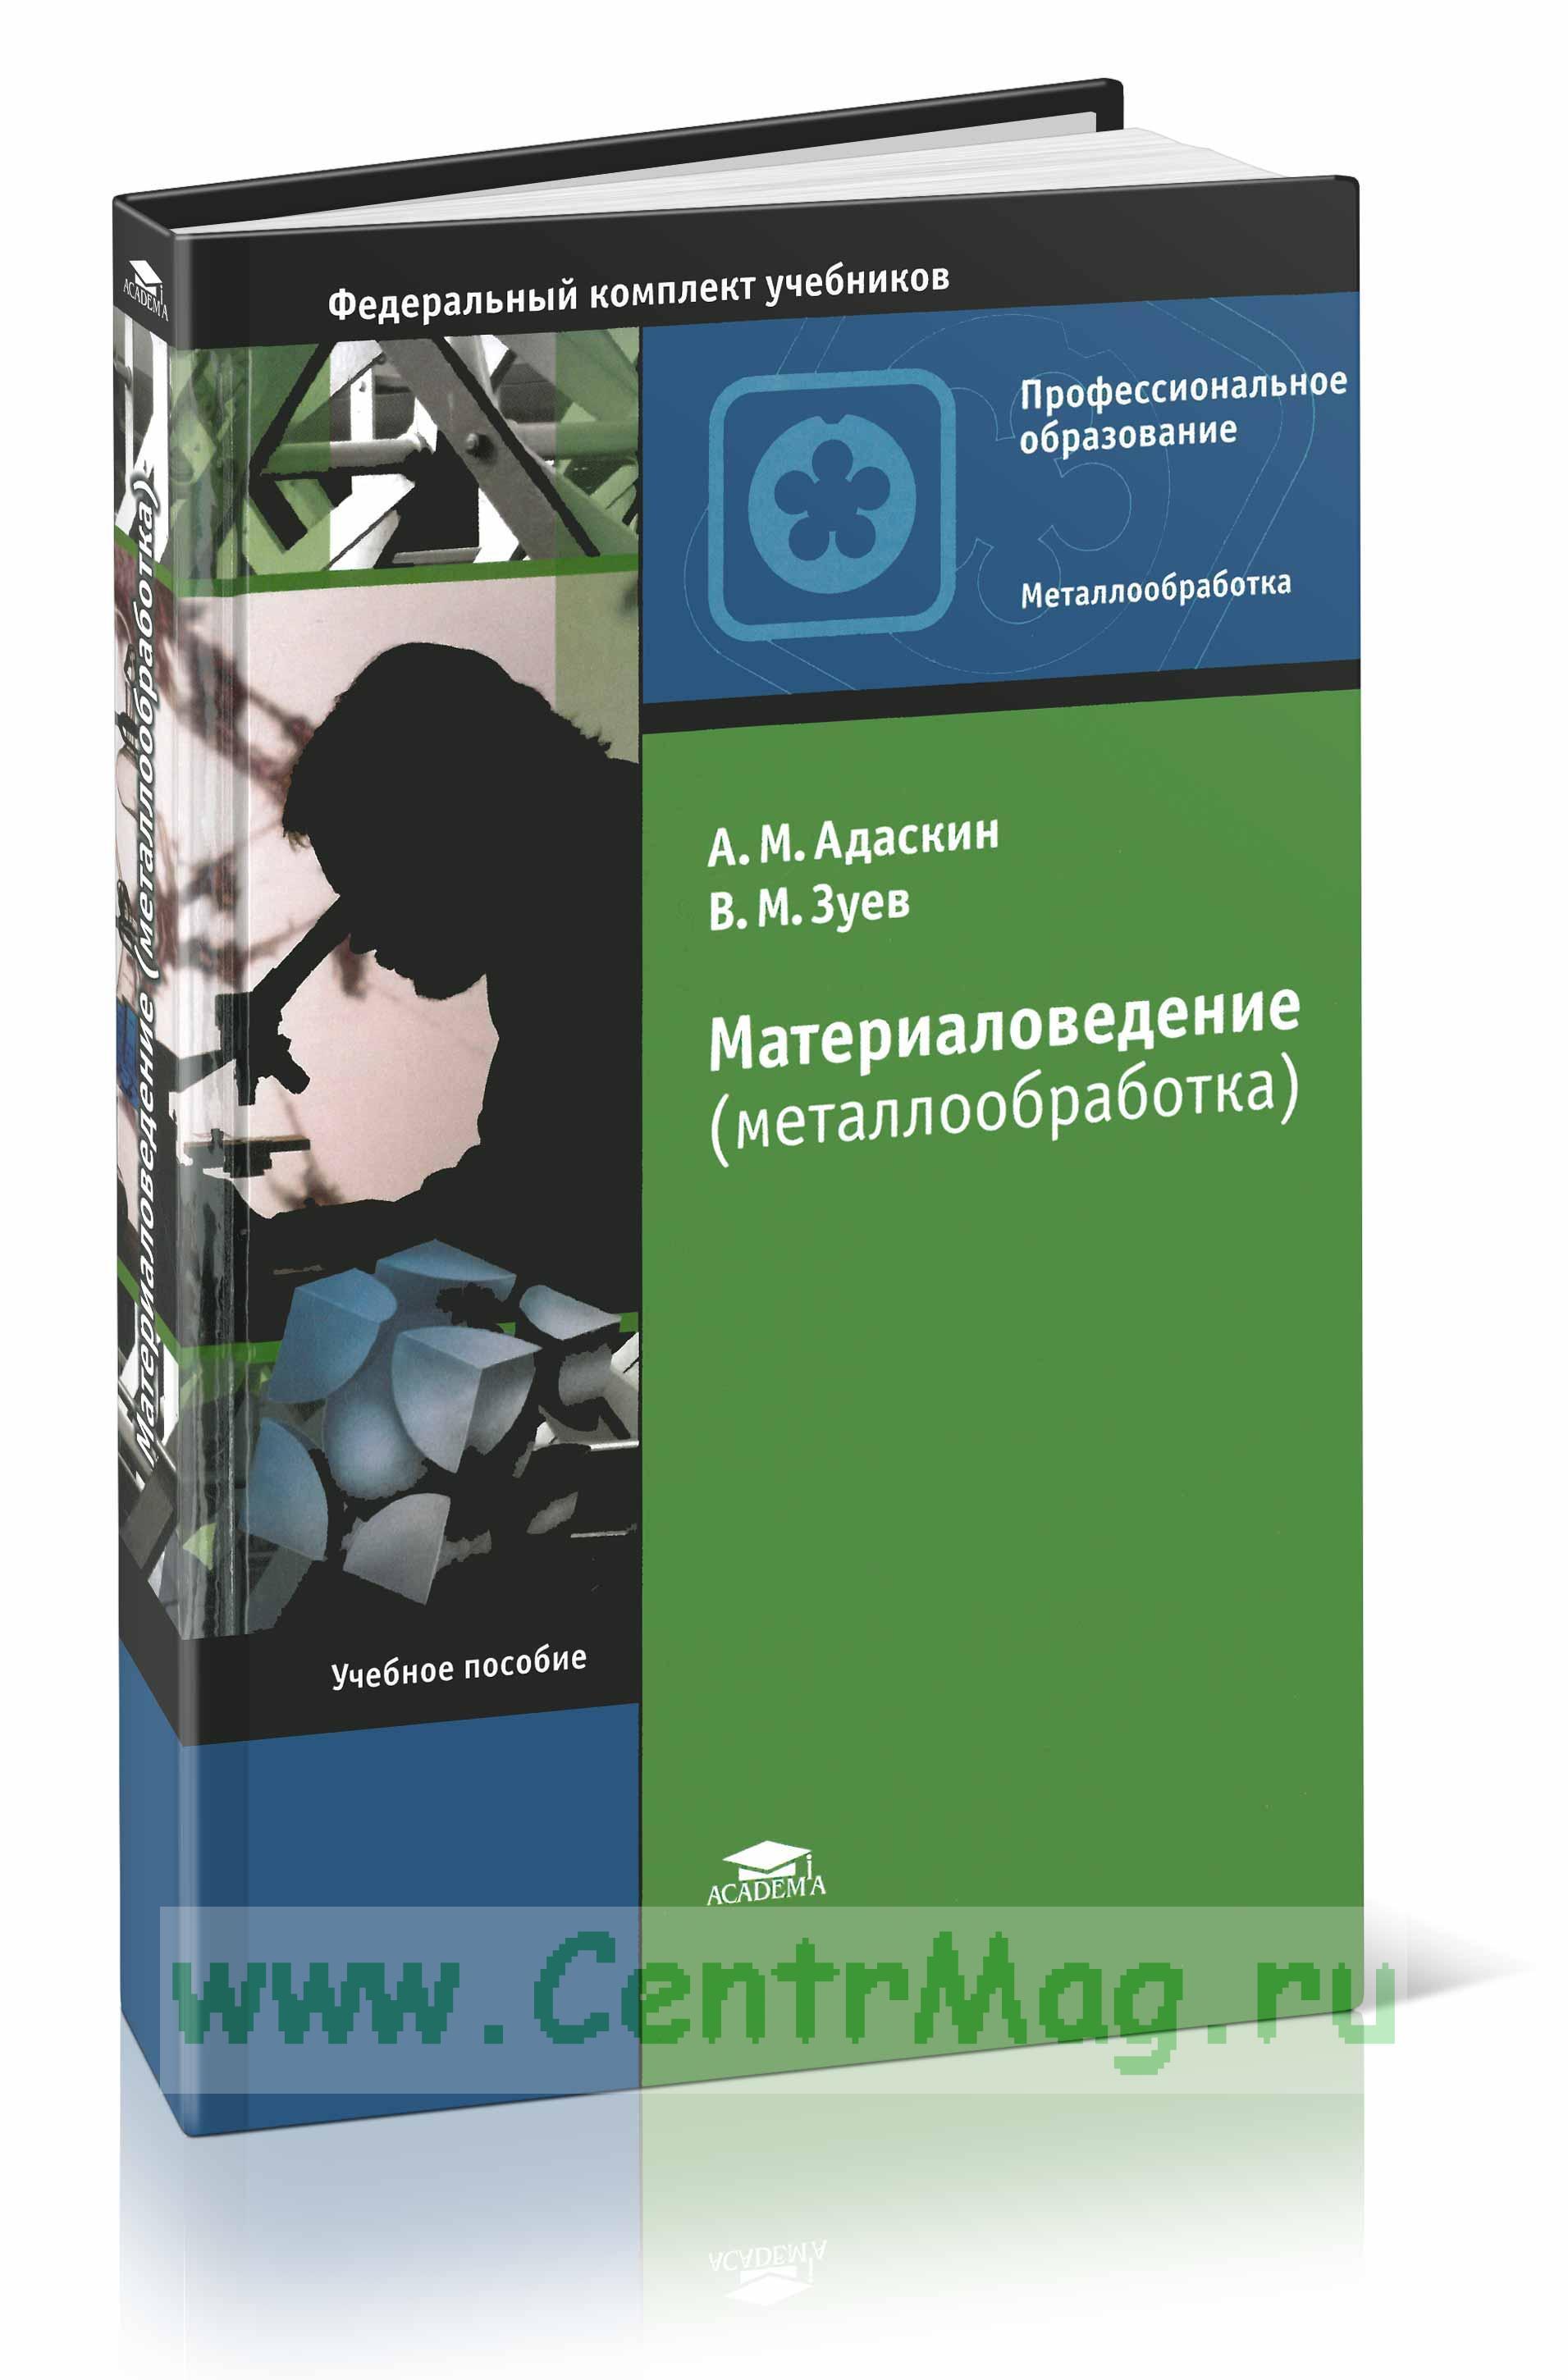 Материаловедение (металлообработка): учебное пособие (11-е издание, стереотипное)